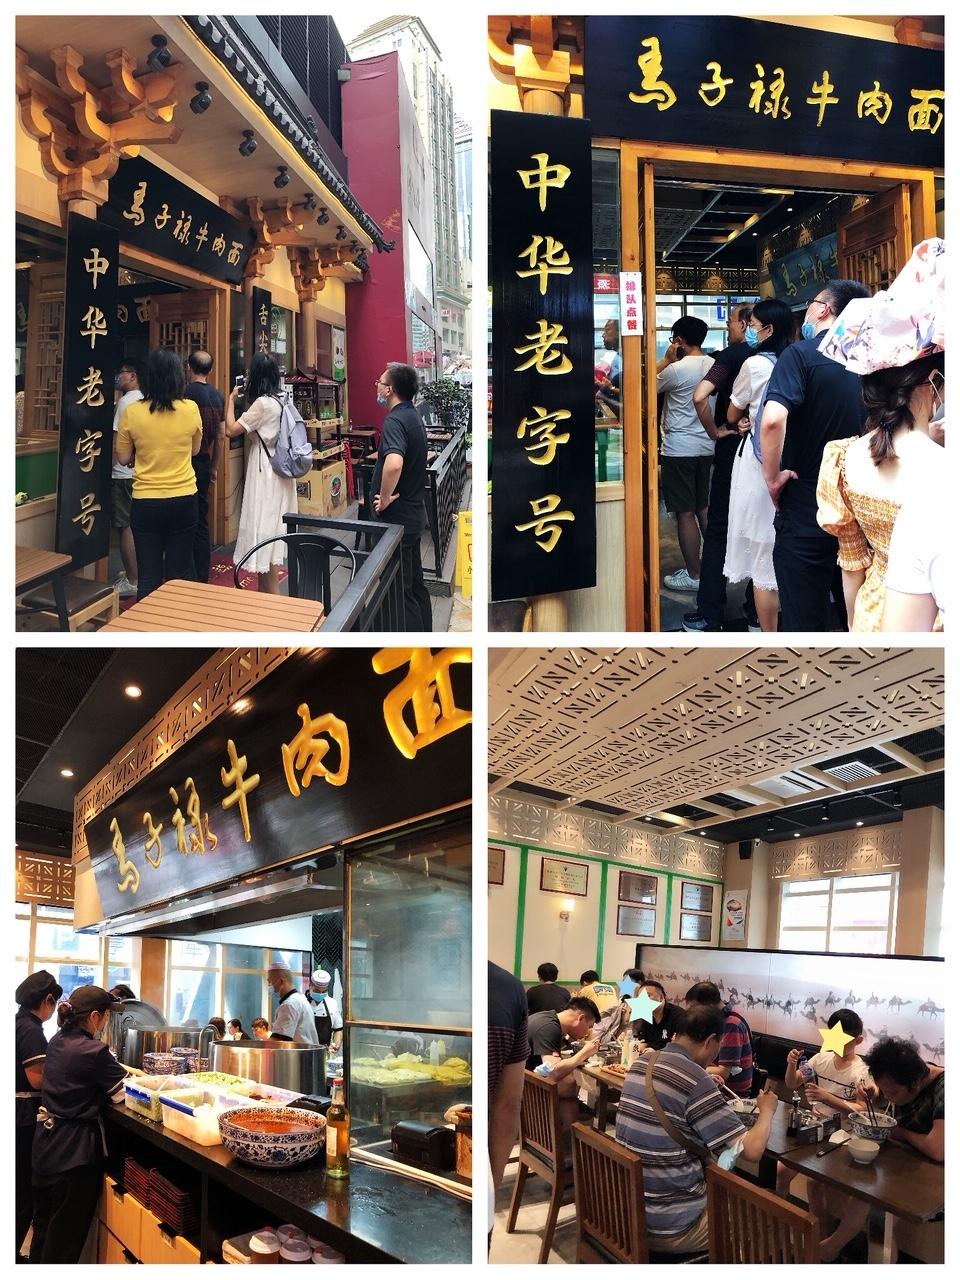 上海• 店内はあっという間に満席になる